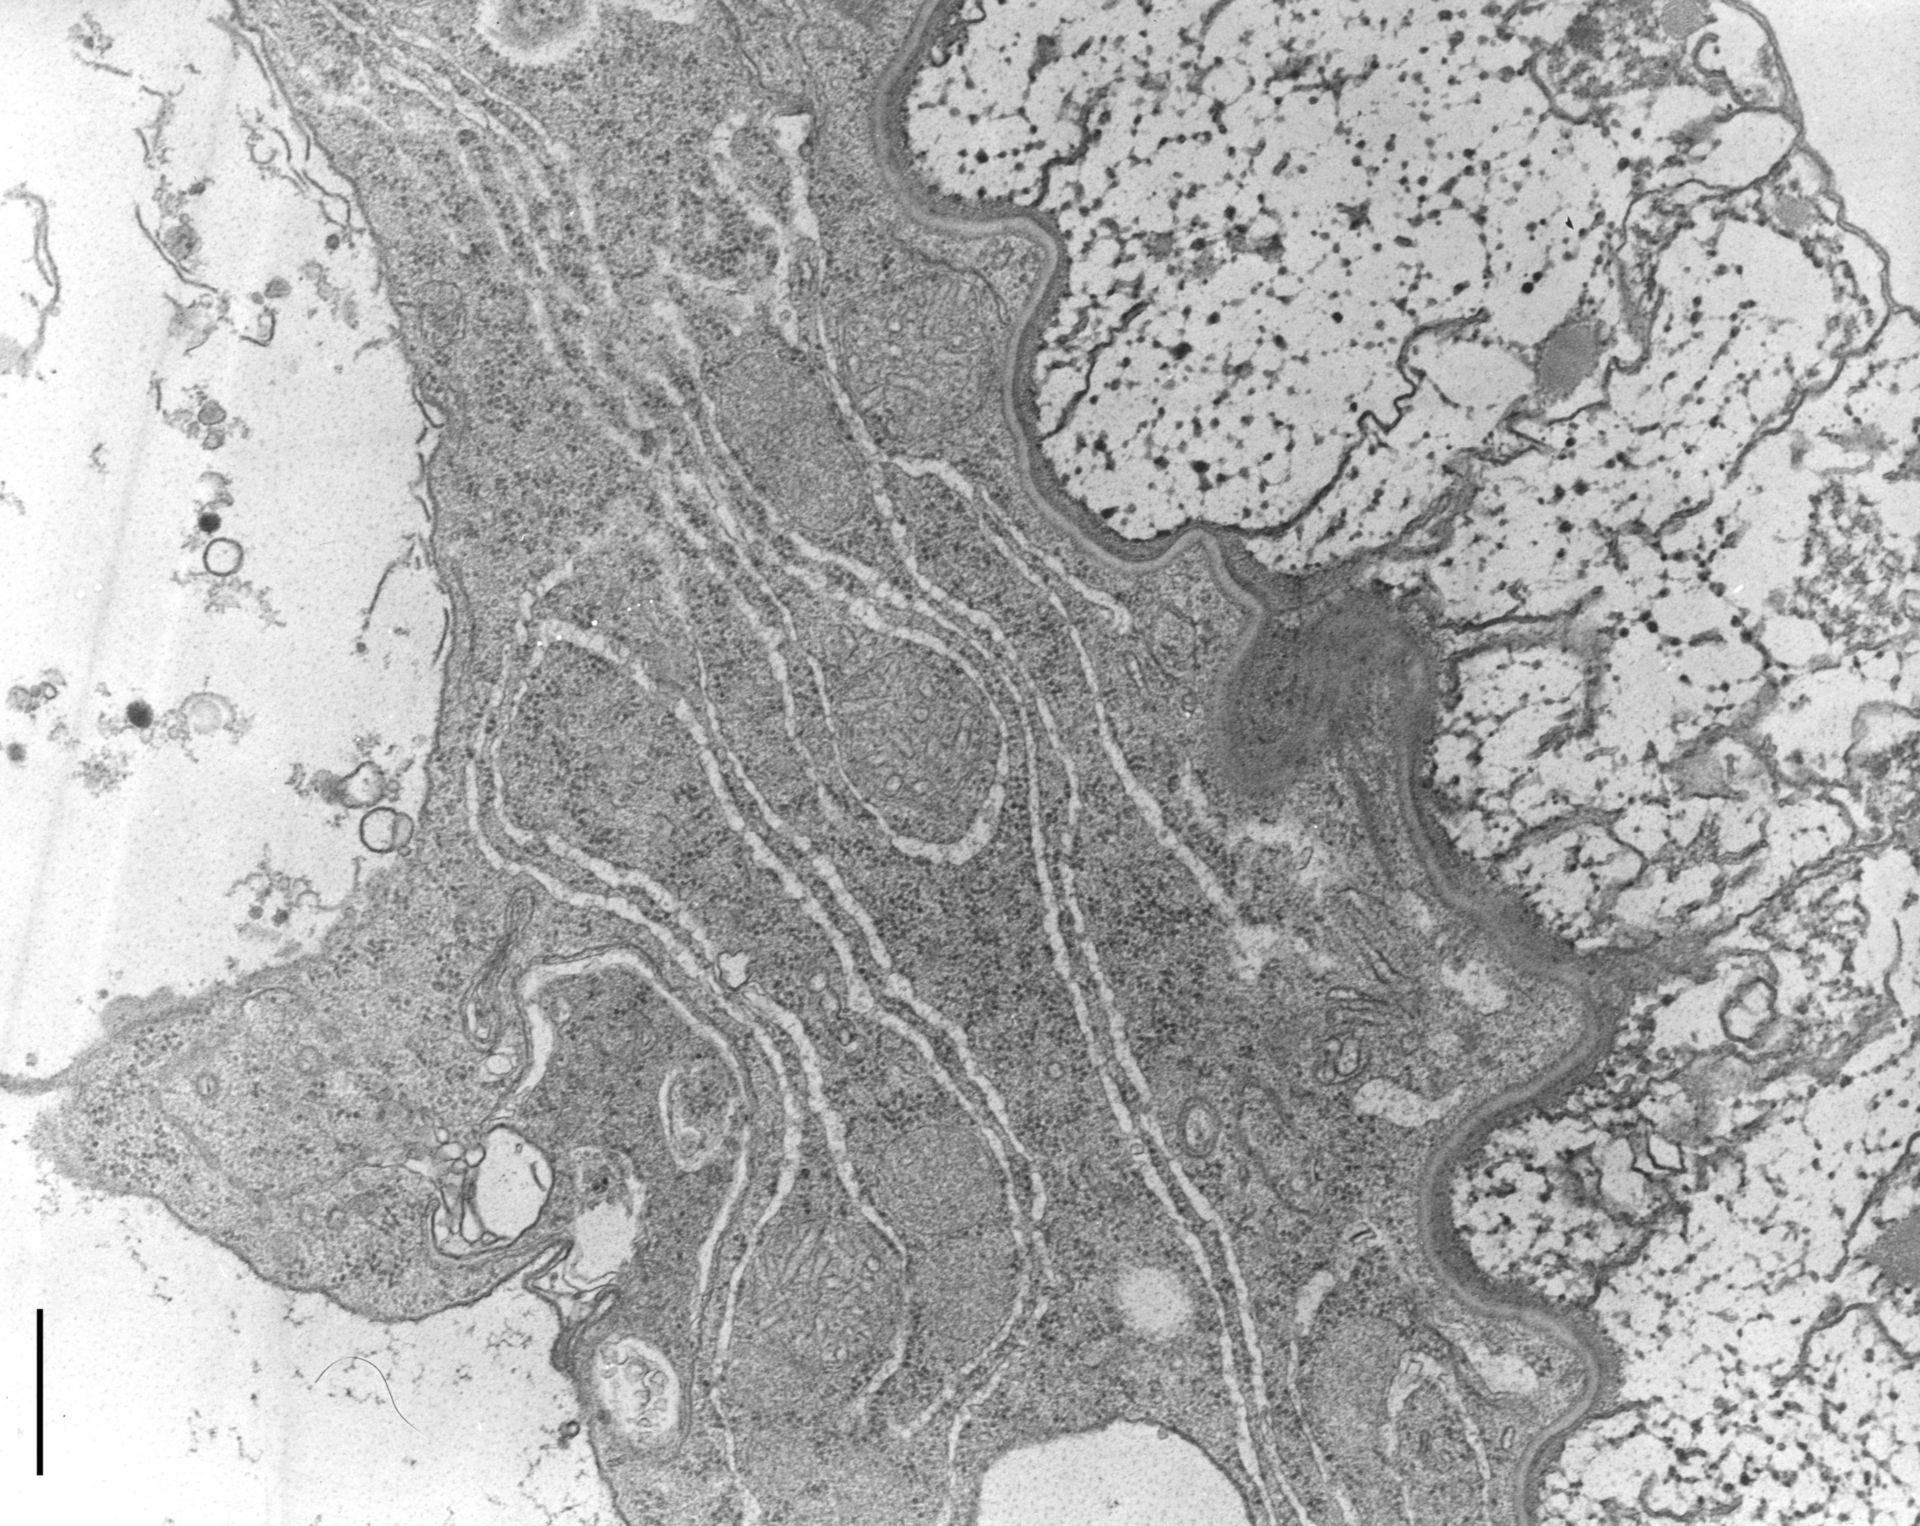 Nassula (Tubular mitochondria) - CIL:9833